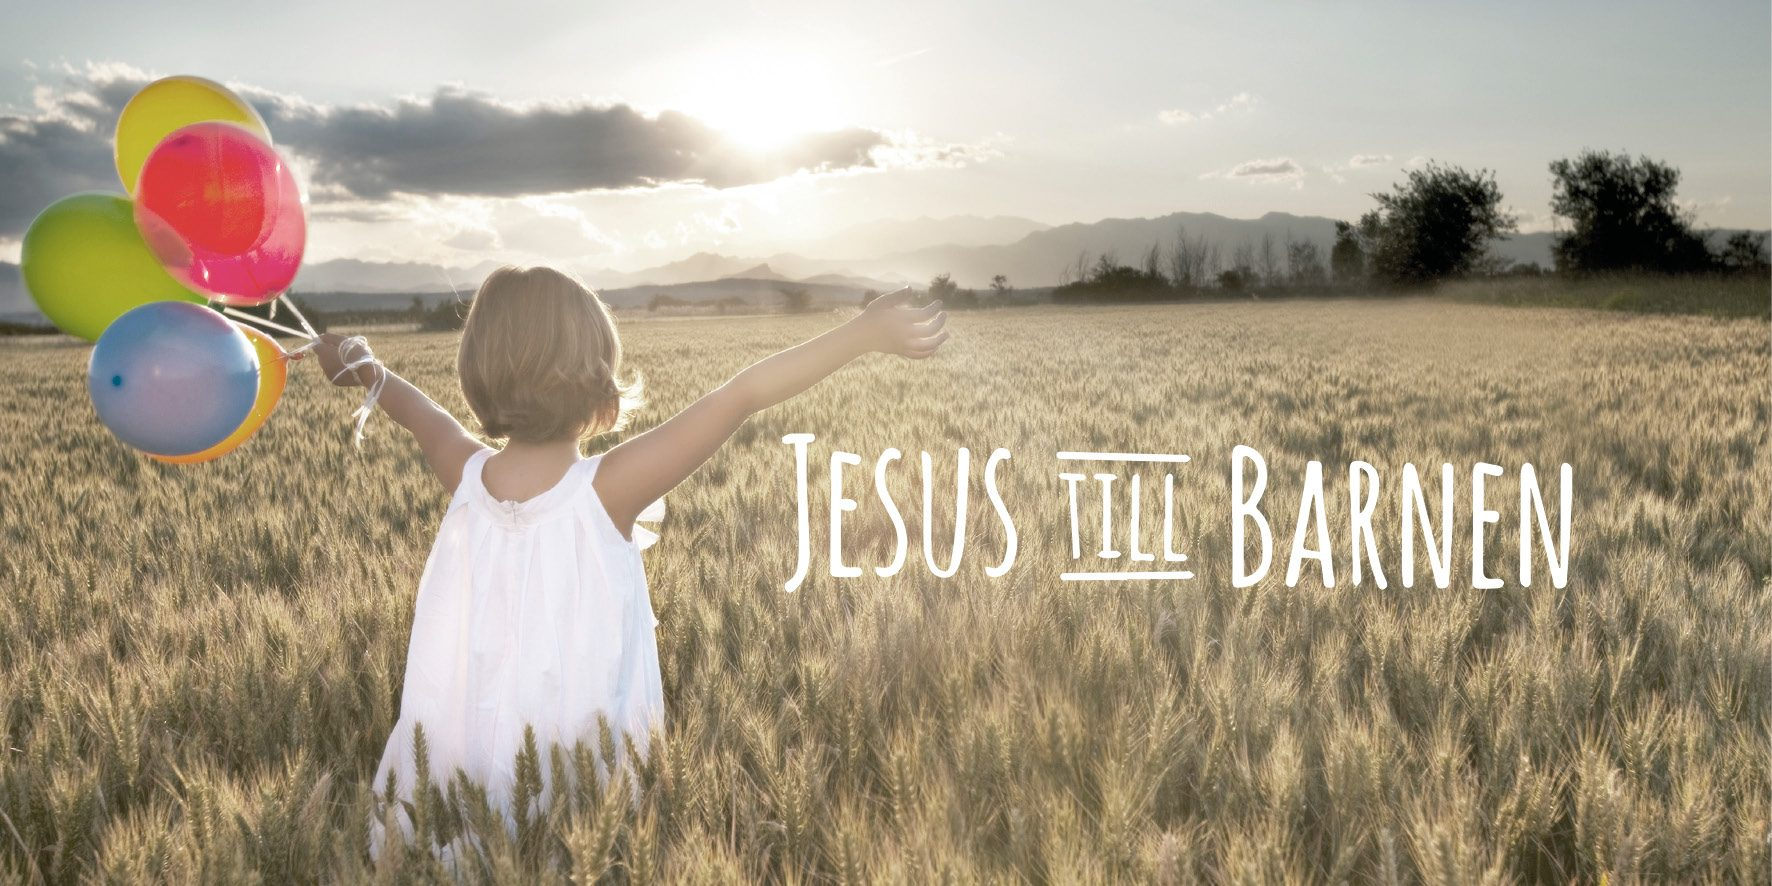 Jesus till barnen